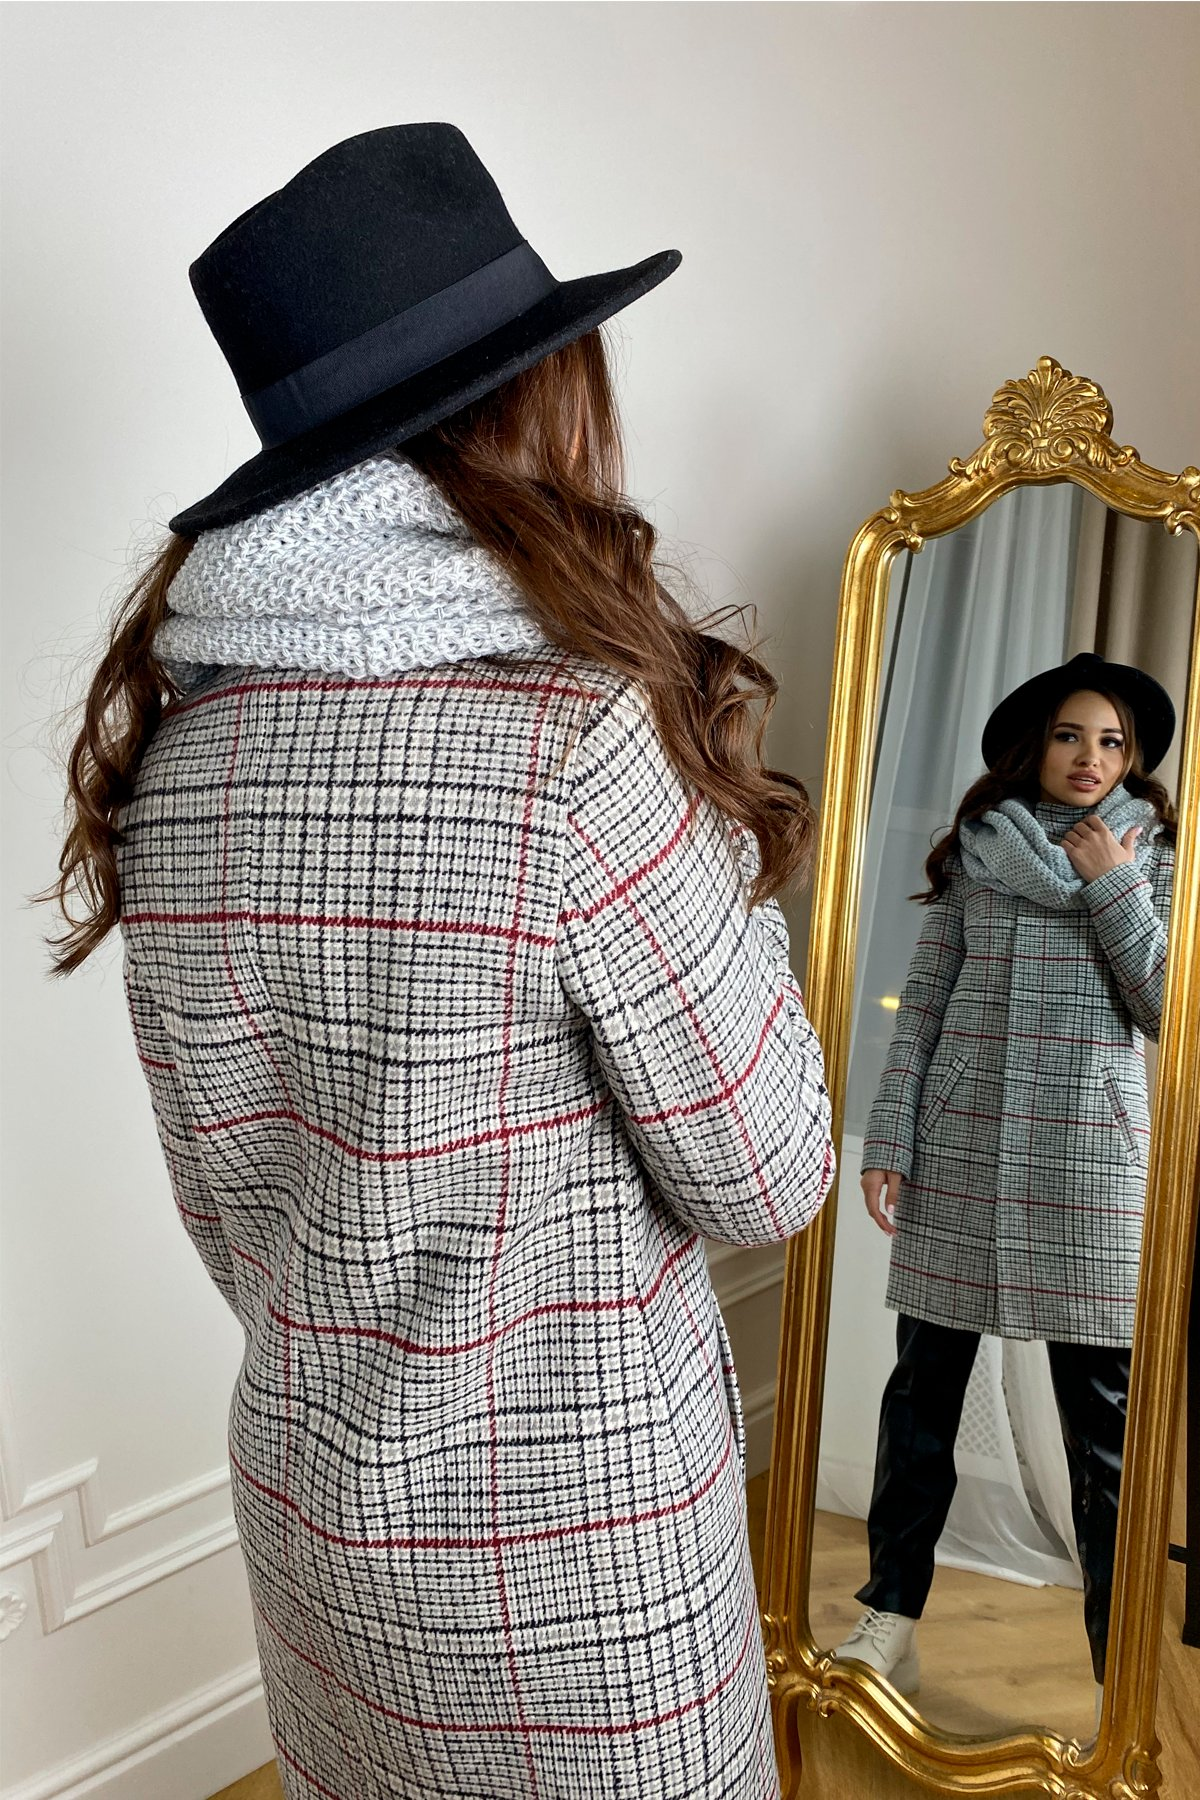 Пальто зима Фортуна 8317 в клетку АРТ. 44791 Цвет: Клетка кр черн/сер/вин - фото 4, интернет магазин tm-modus.ru